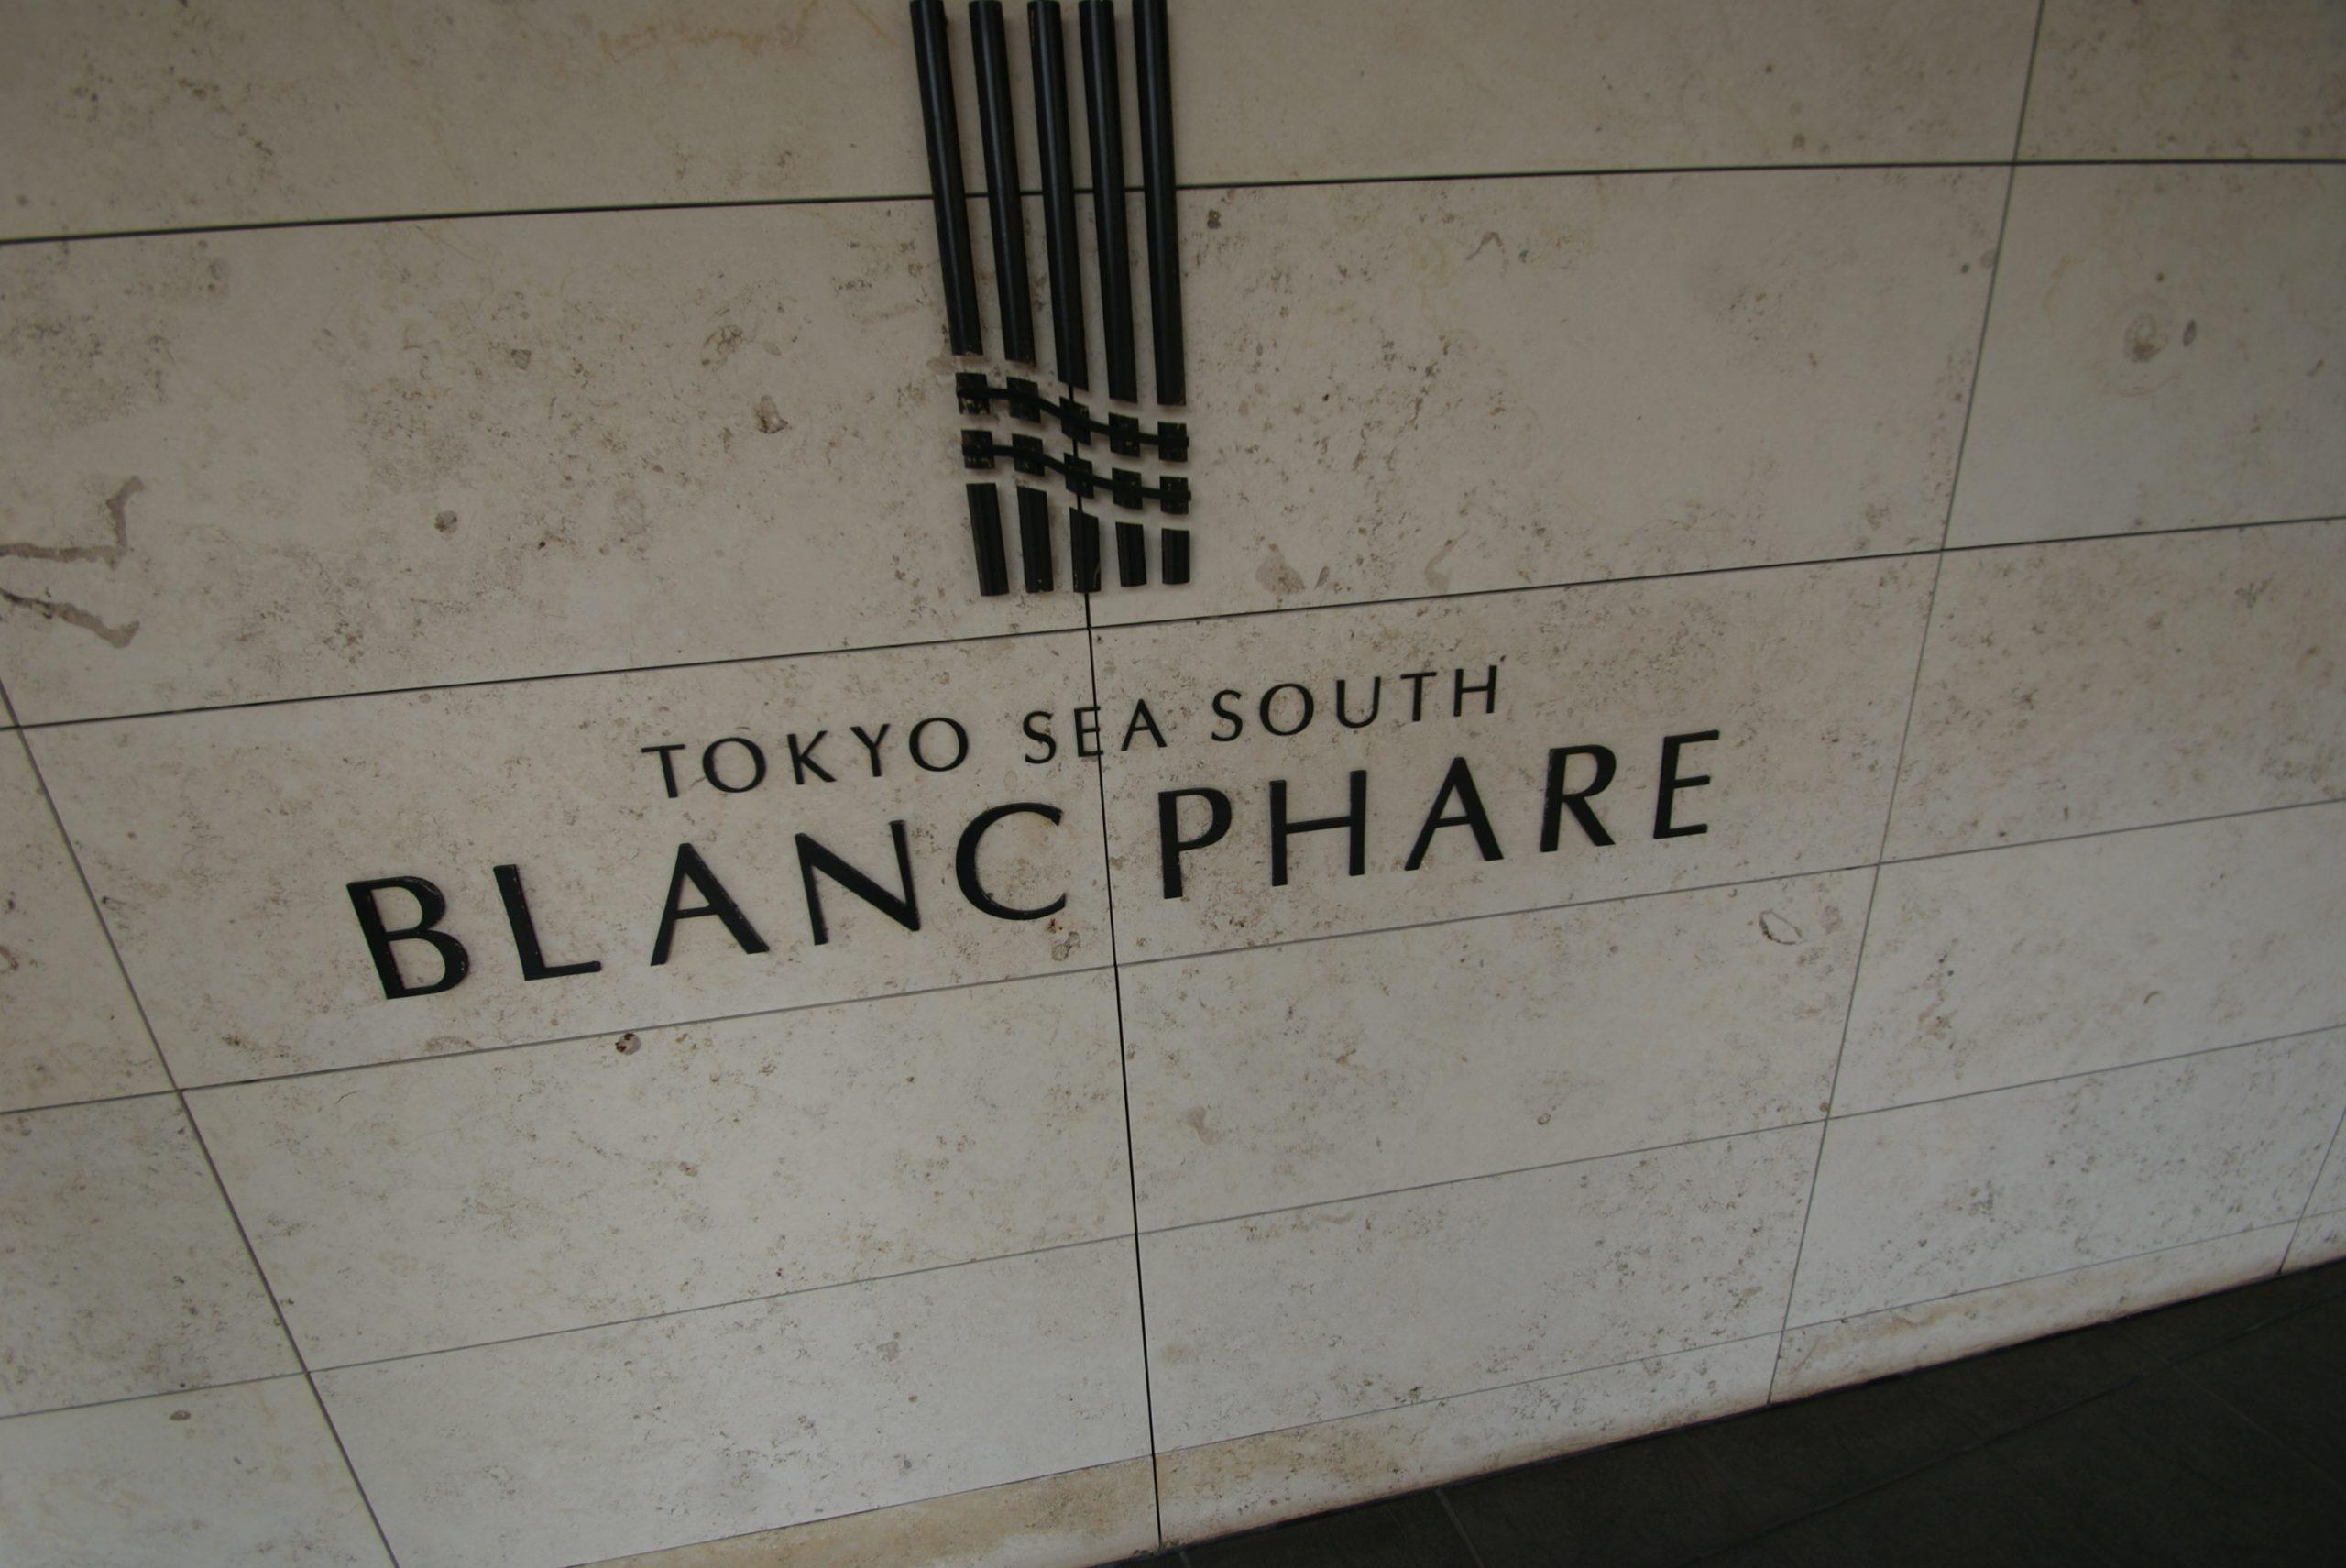 TOKYO SEA SOUTH ブランファーレの写真3